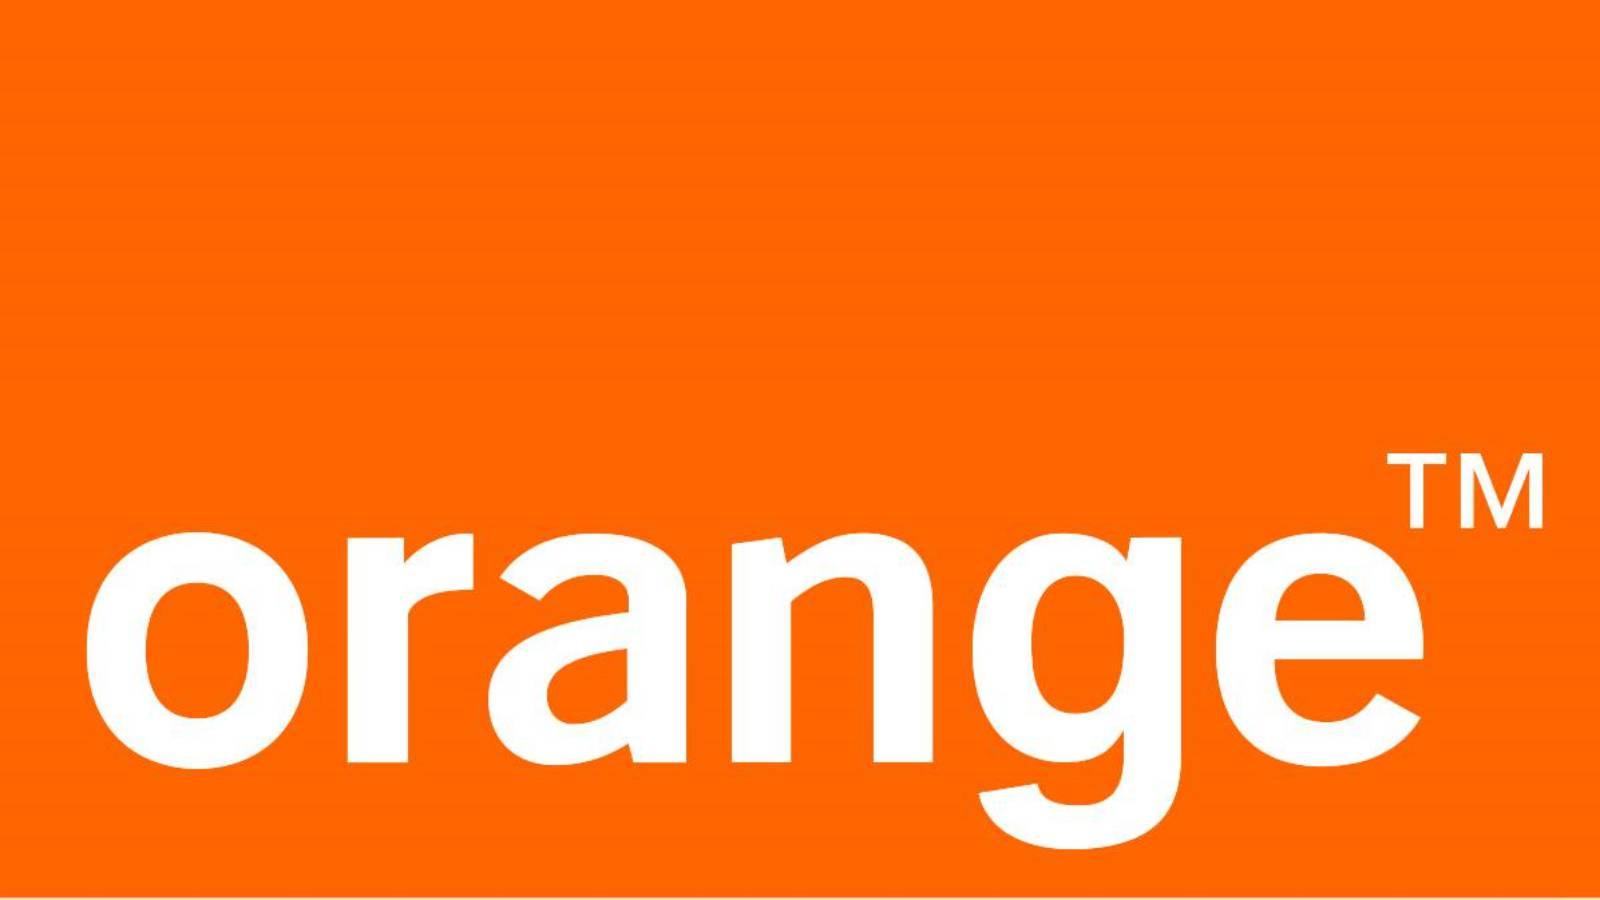 Orange roaming 5G